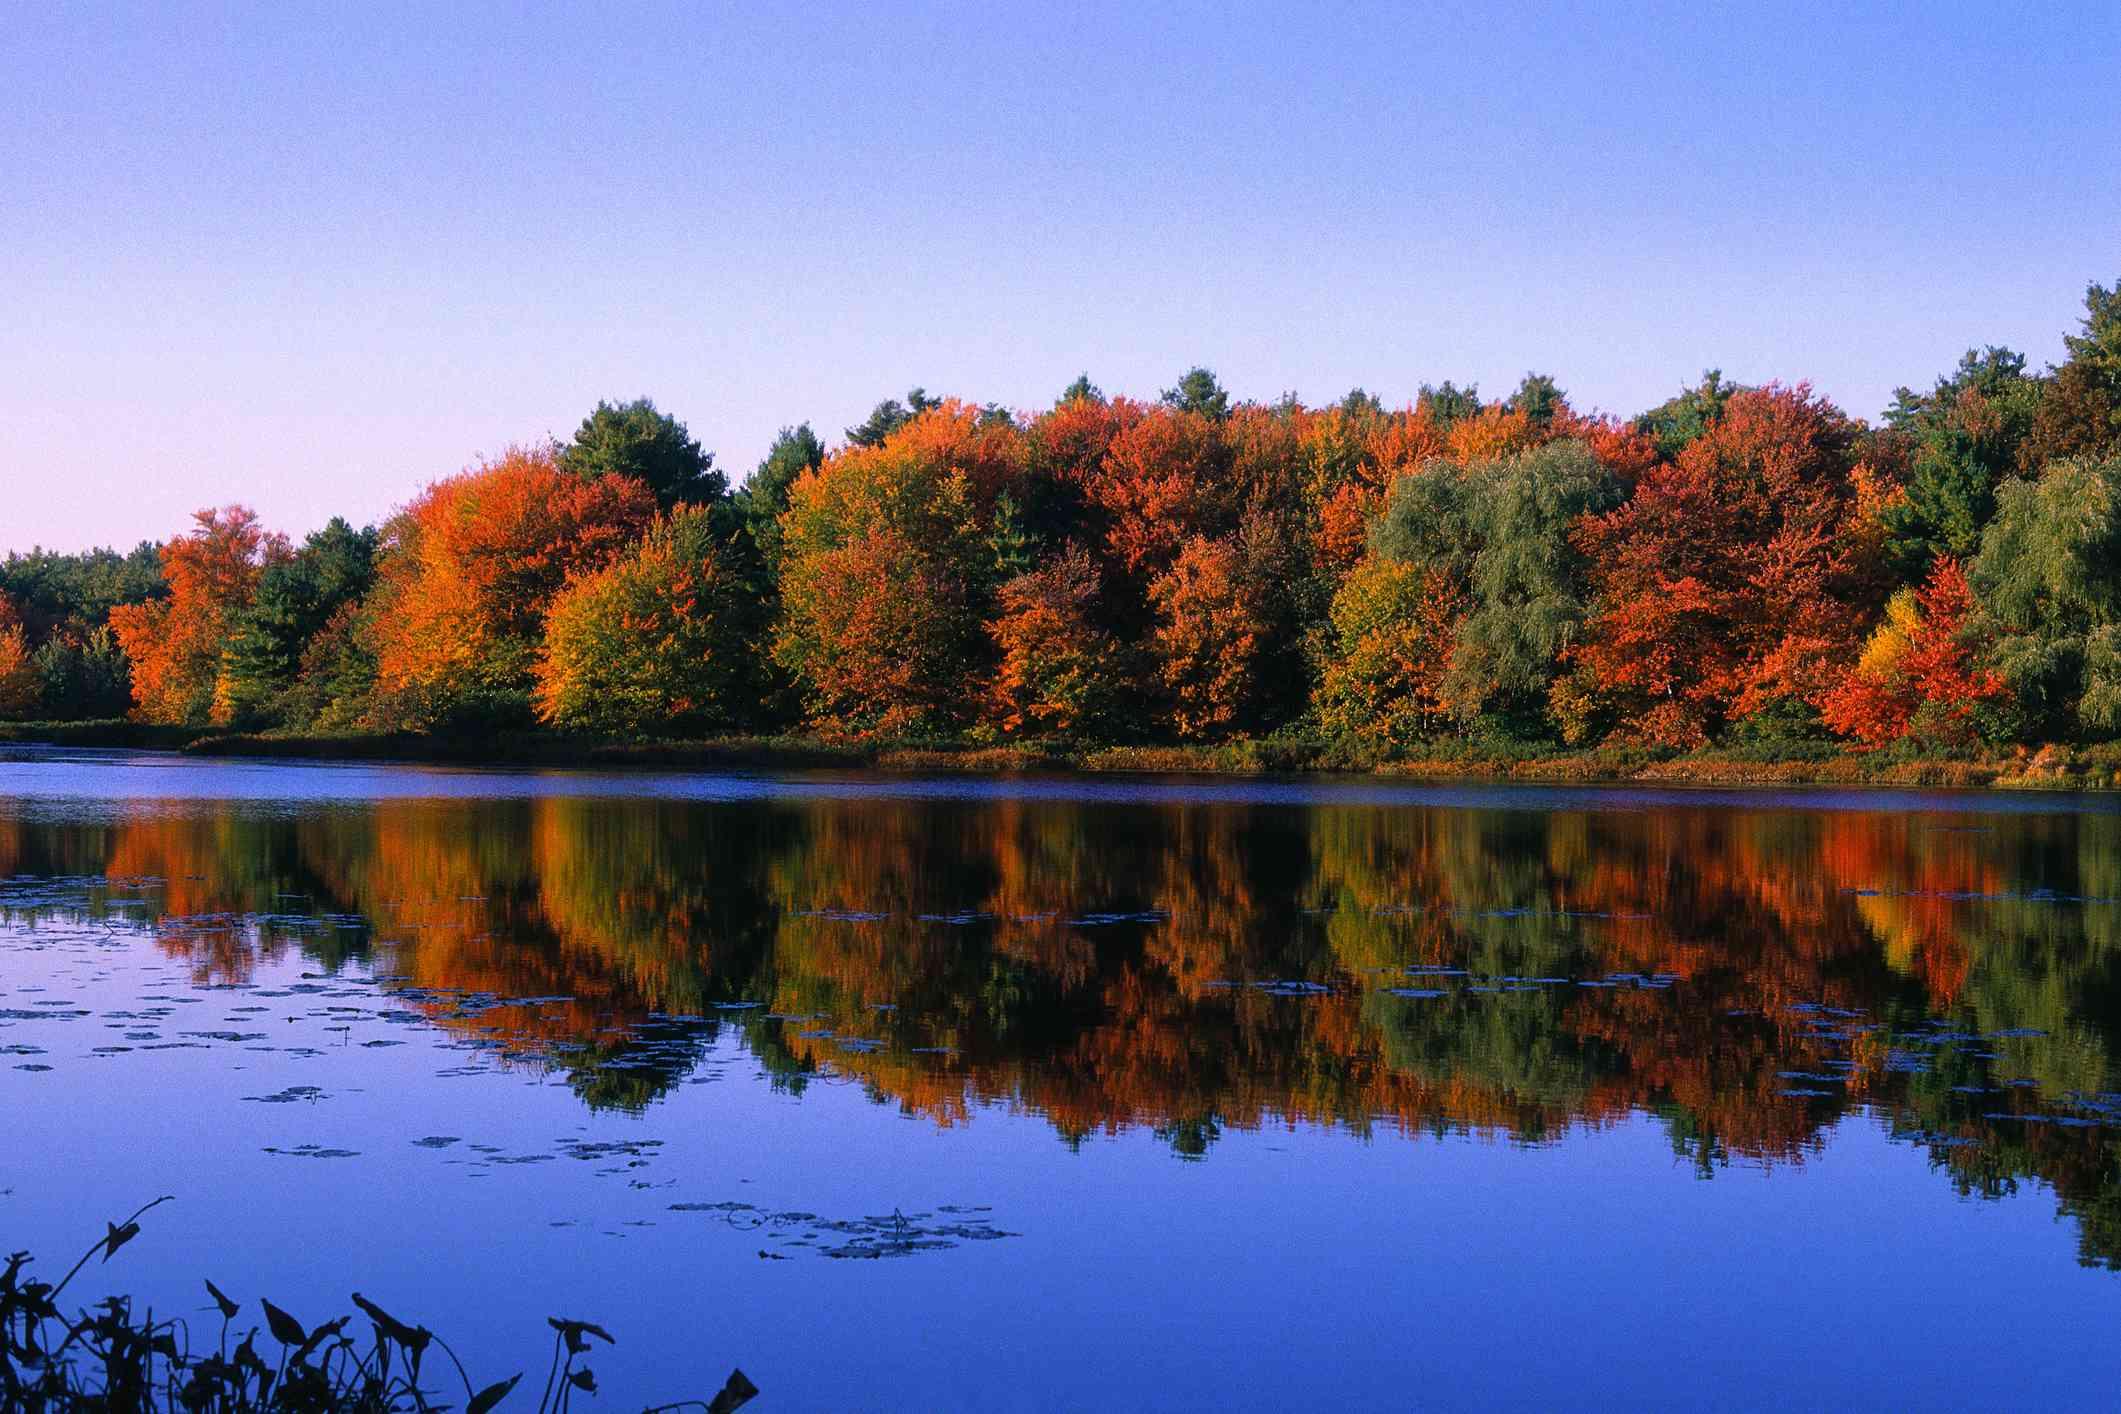 Autumn on Walden Pond